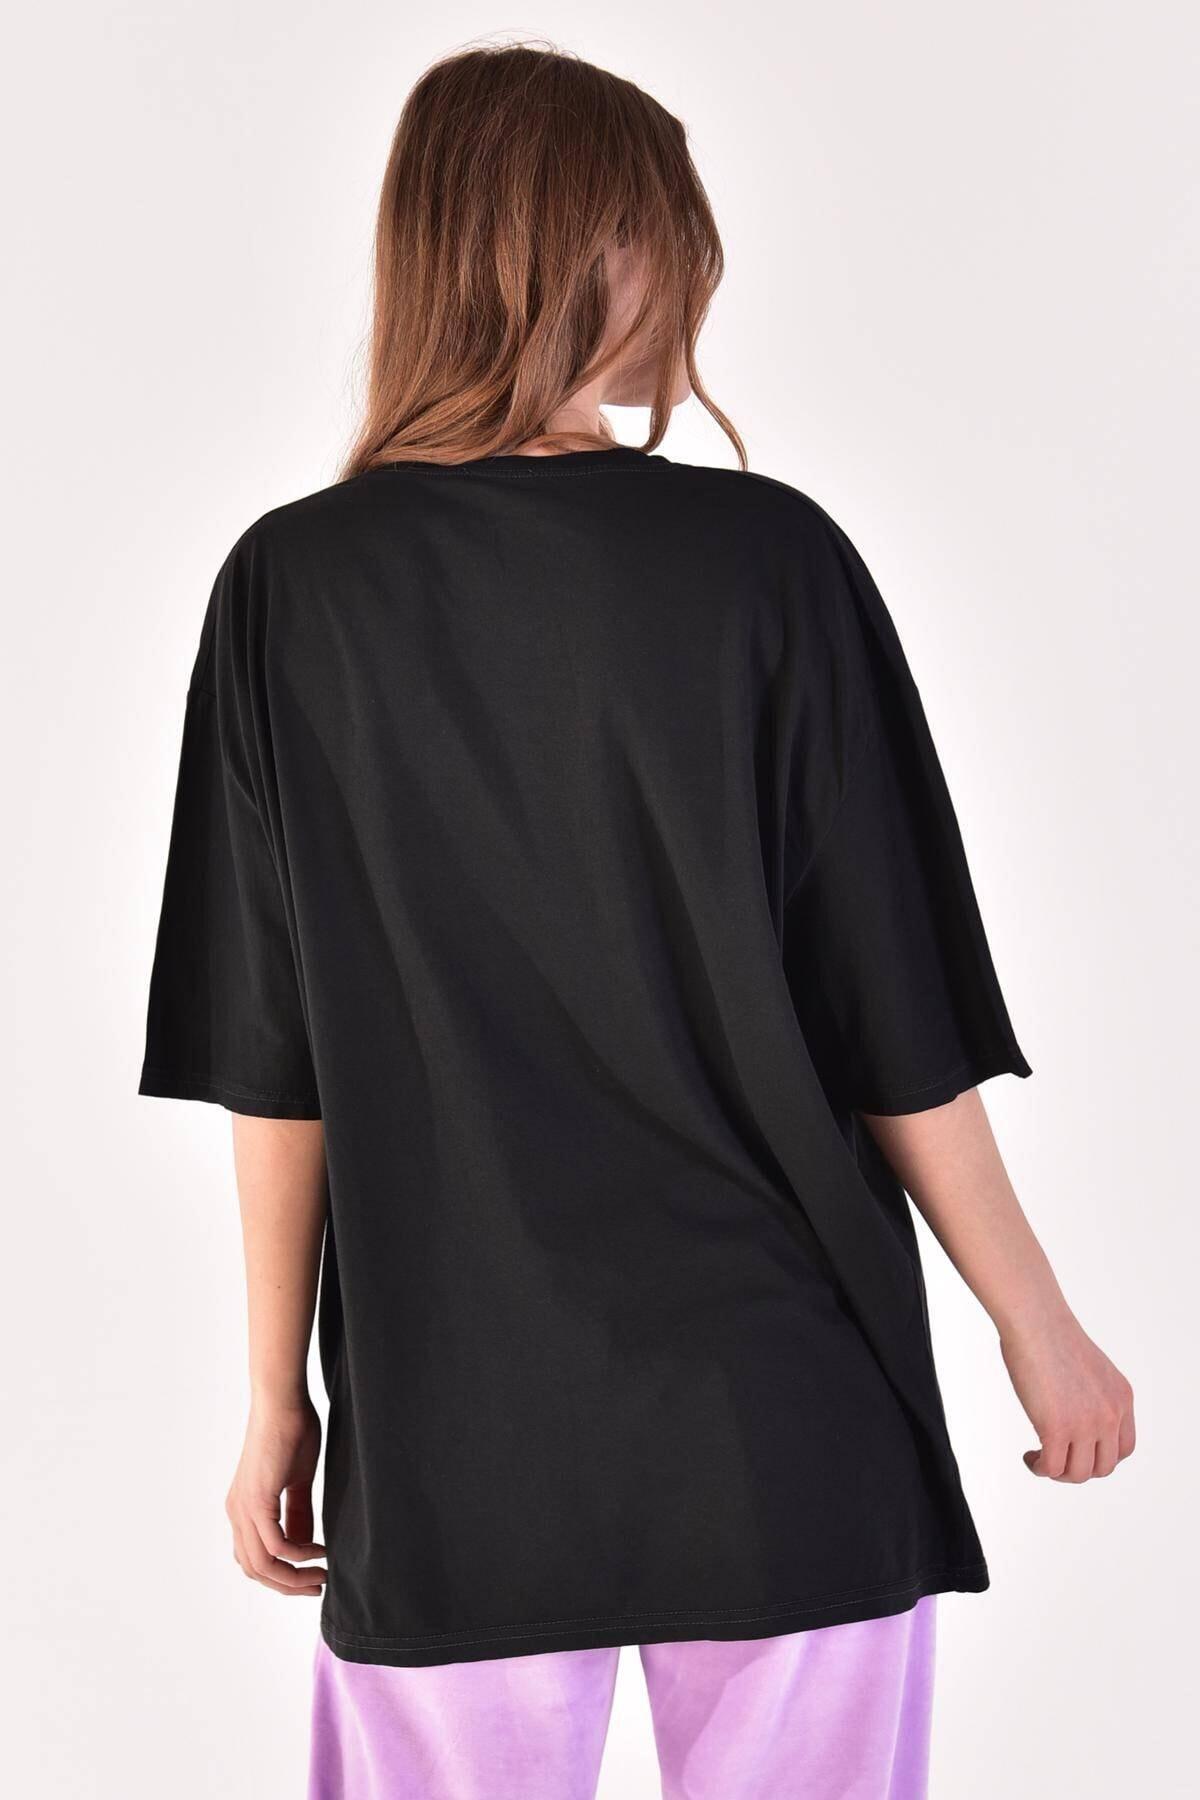 Addax Kadın Füme Baskılı Oversize Tişört P9372 - H5 ADX-0000021439 4